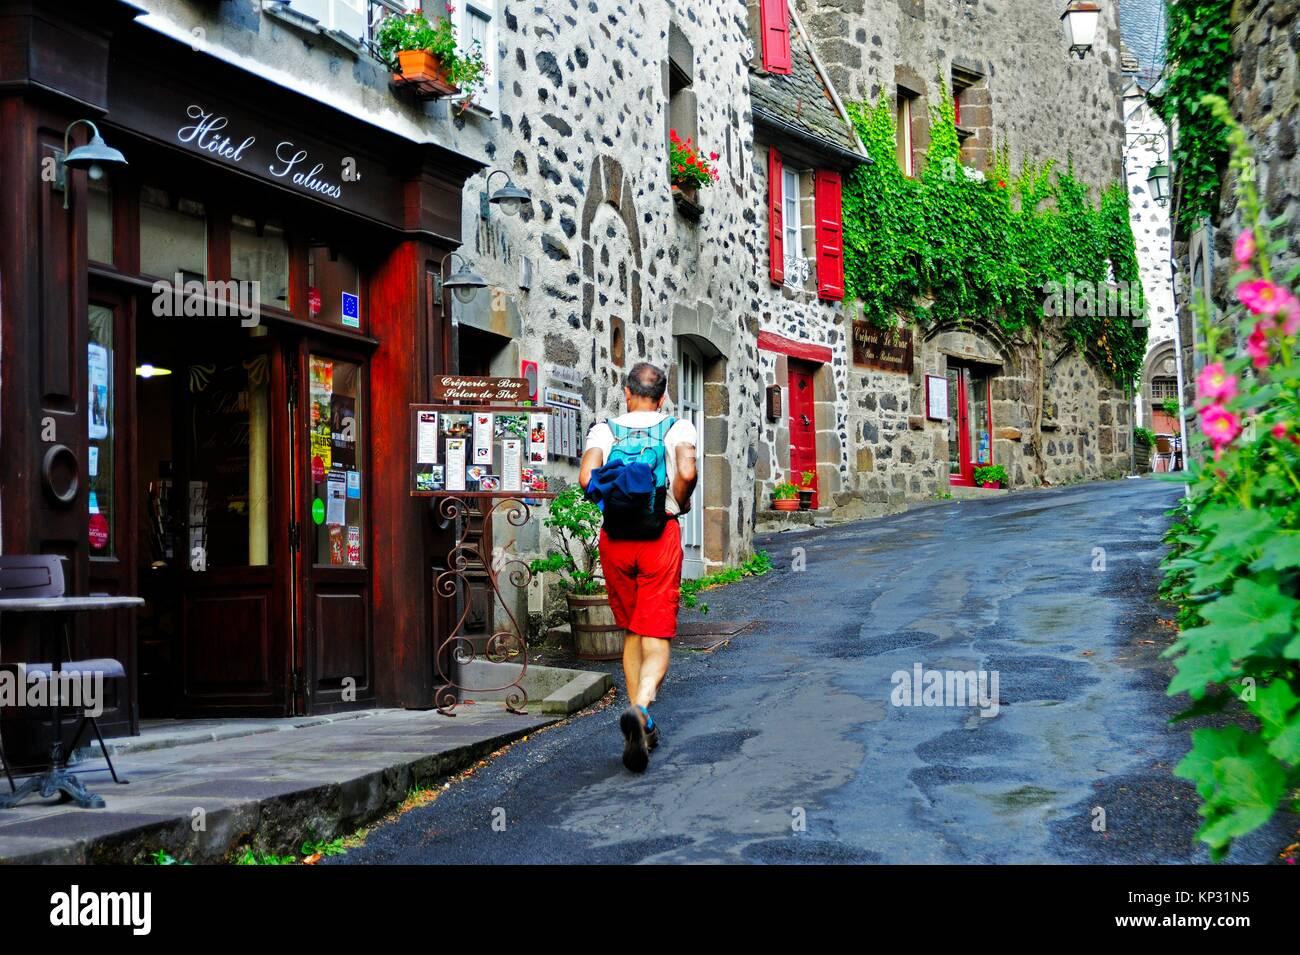 Rue étroite, Salers, Cantal, Auvergne, France. Banque D'Images